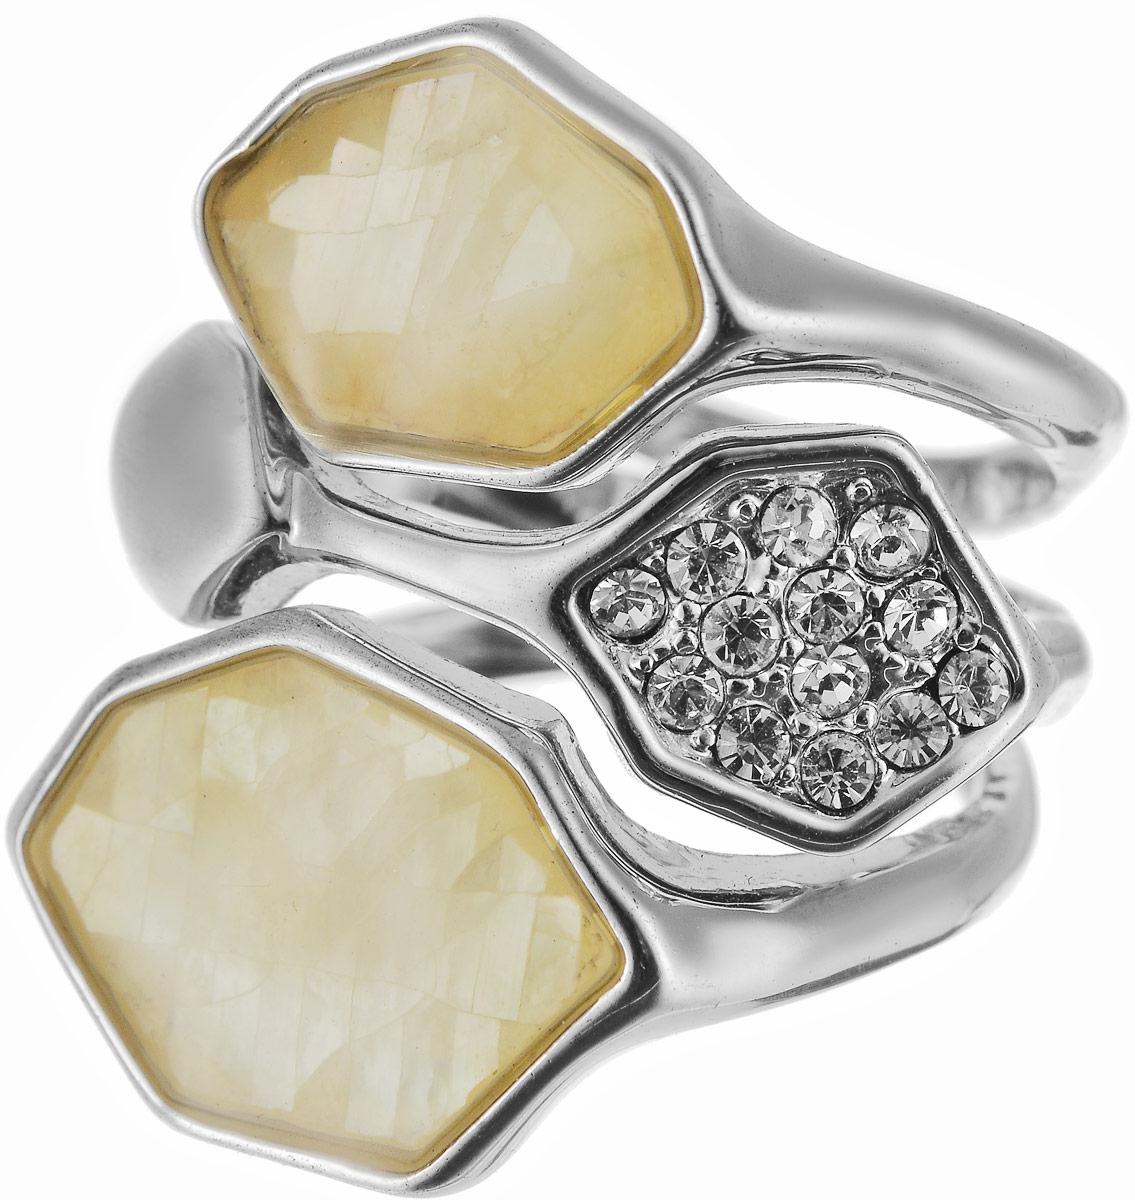 Кольцо женское Art-Silver, цвет: серебряный. ЛМ049491-703-721. Размер 17,5ЛМ049491-703-721Бижутерный сплав, куб.циркон, перламутр.